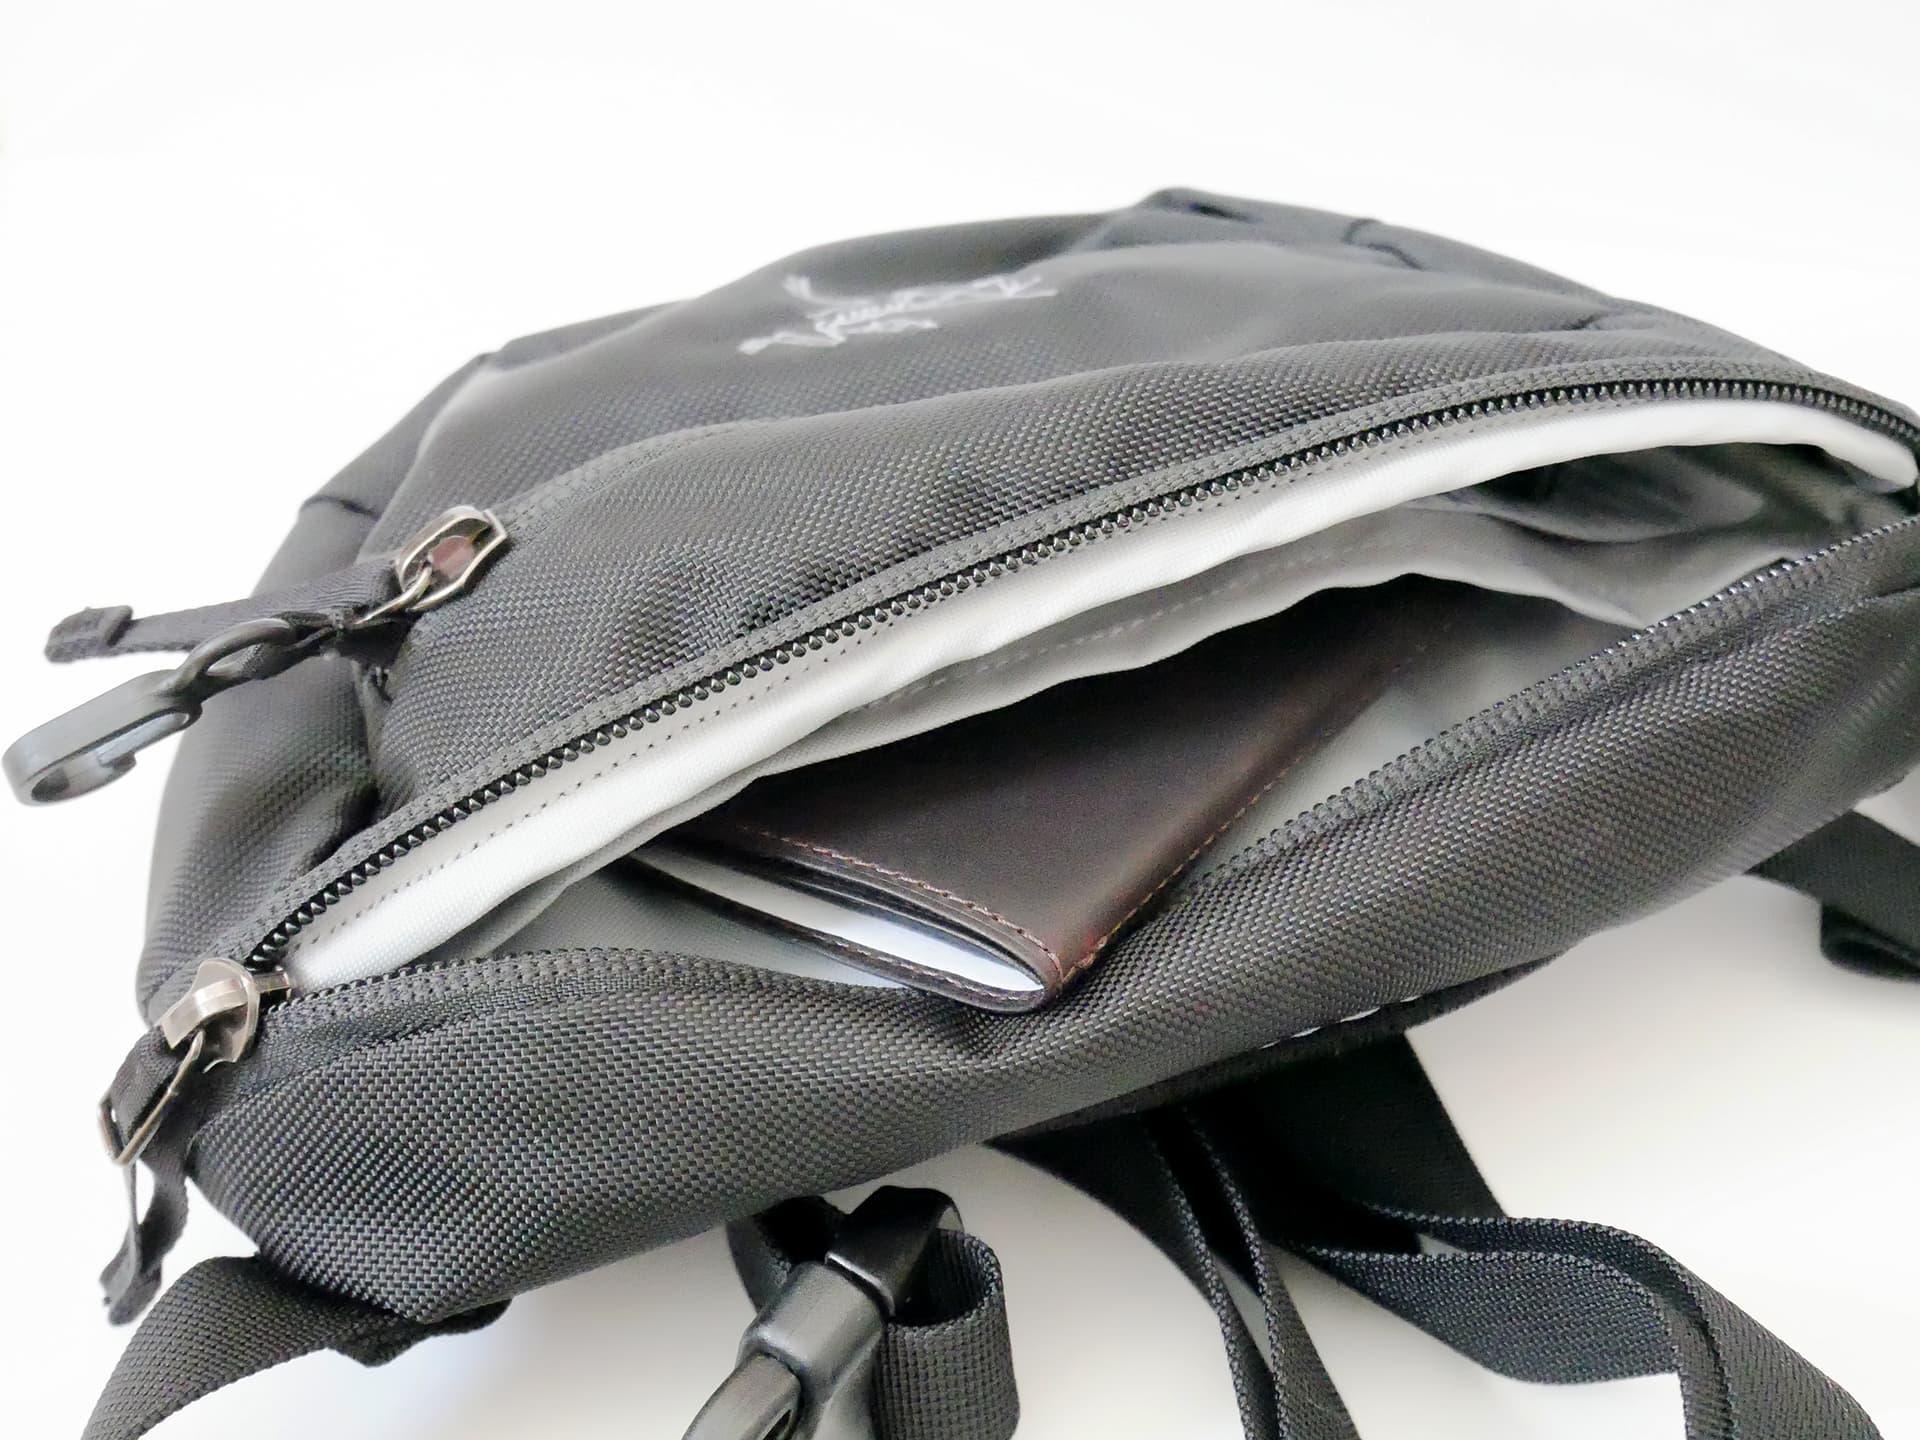 アークテリクス MAKA 1 内側ポケットに小物を入れている様子